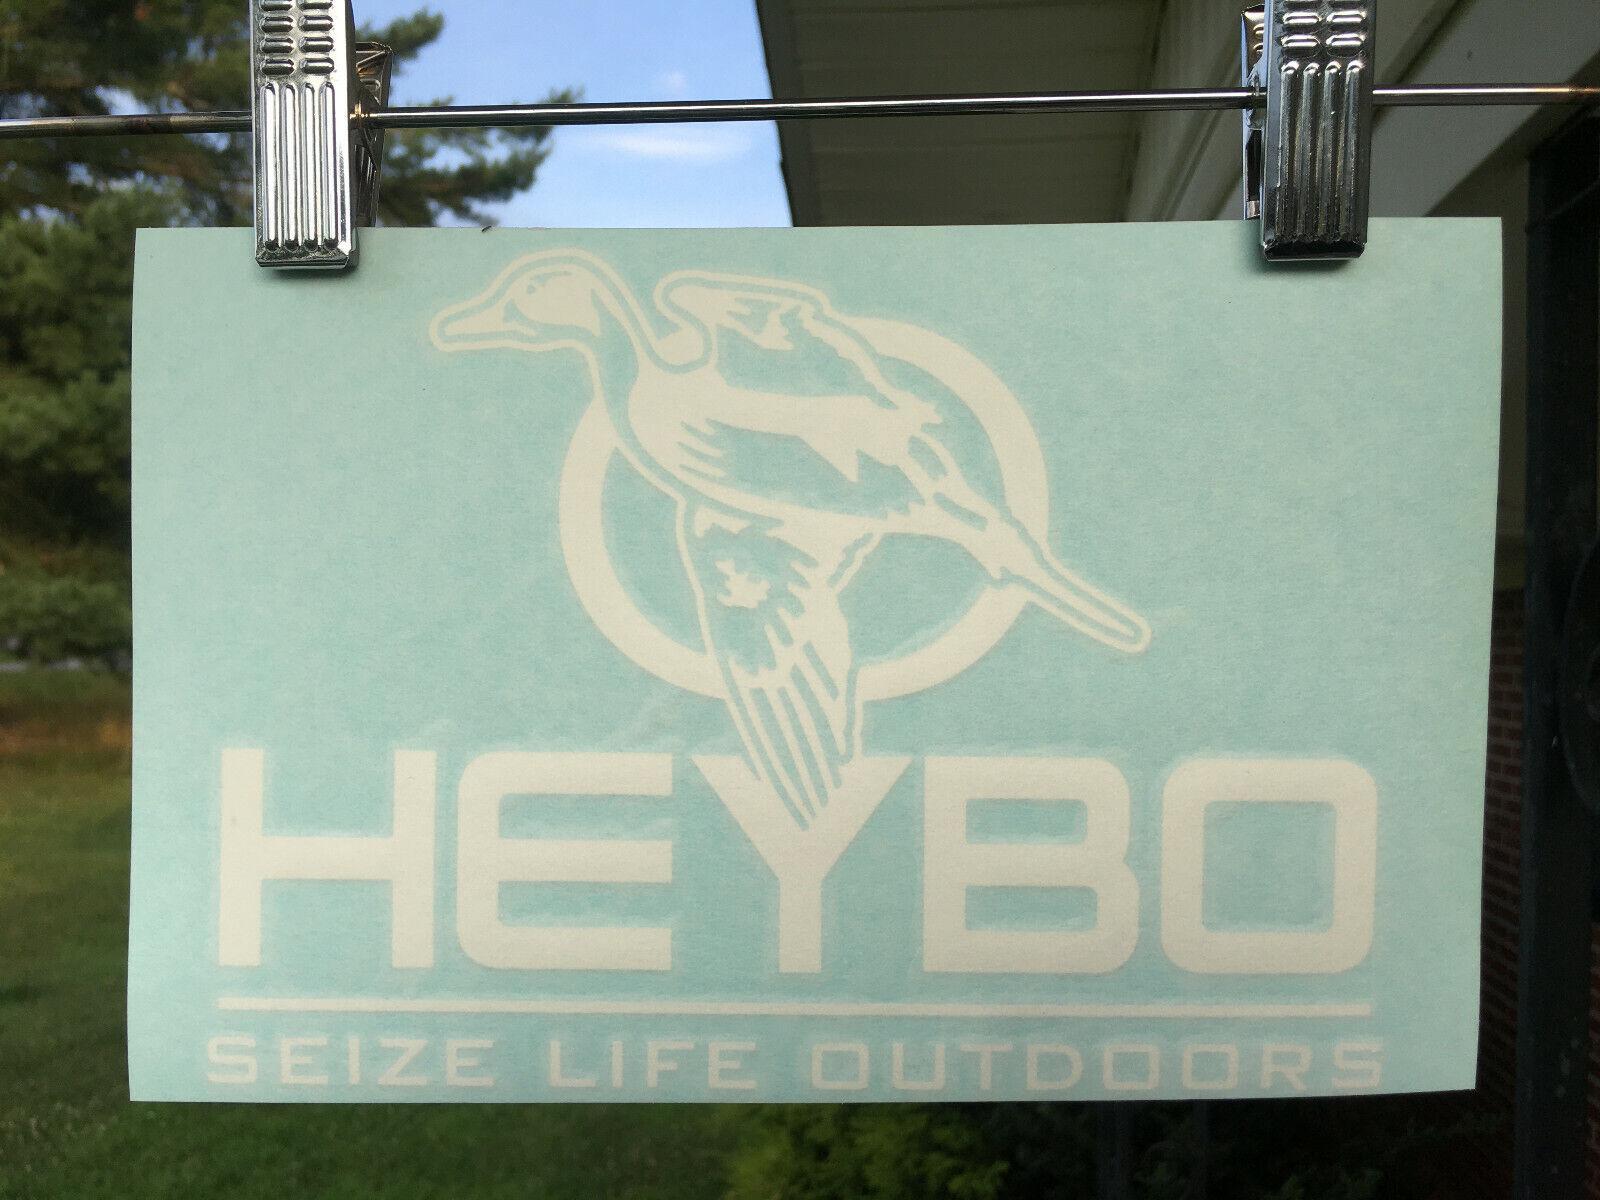 Heybo - Duck die-cut sticker decal - 8